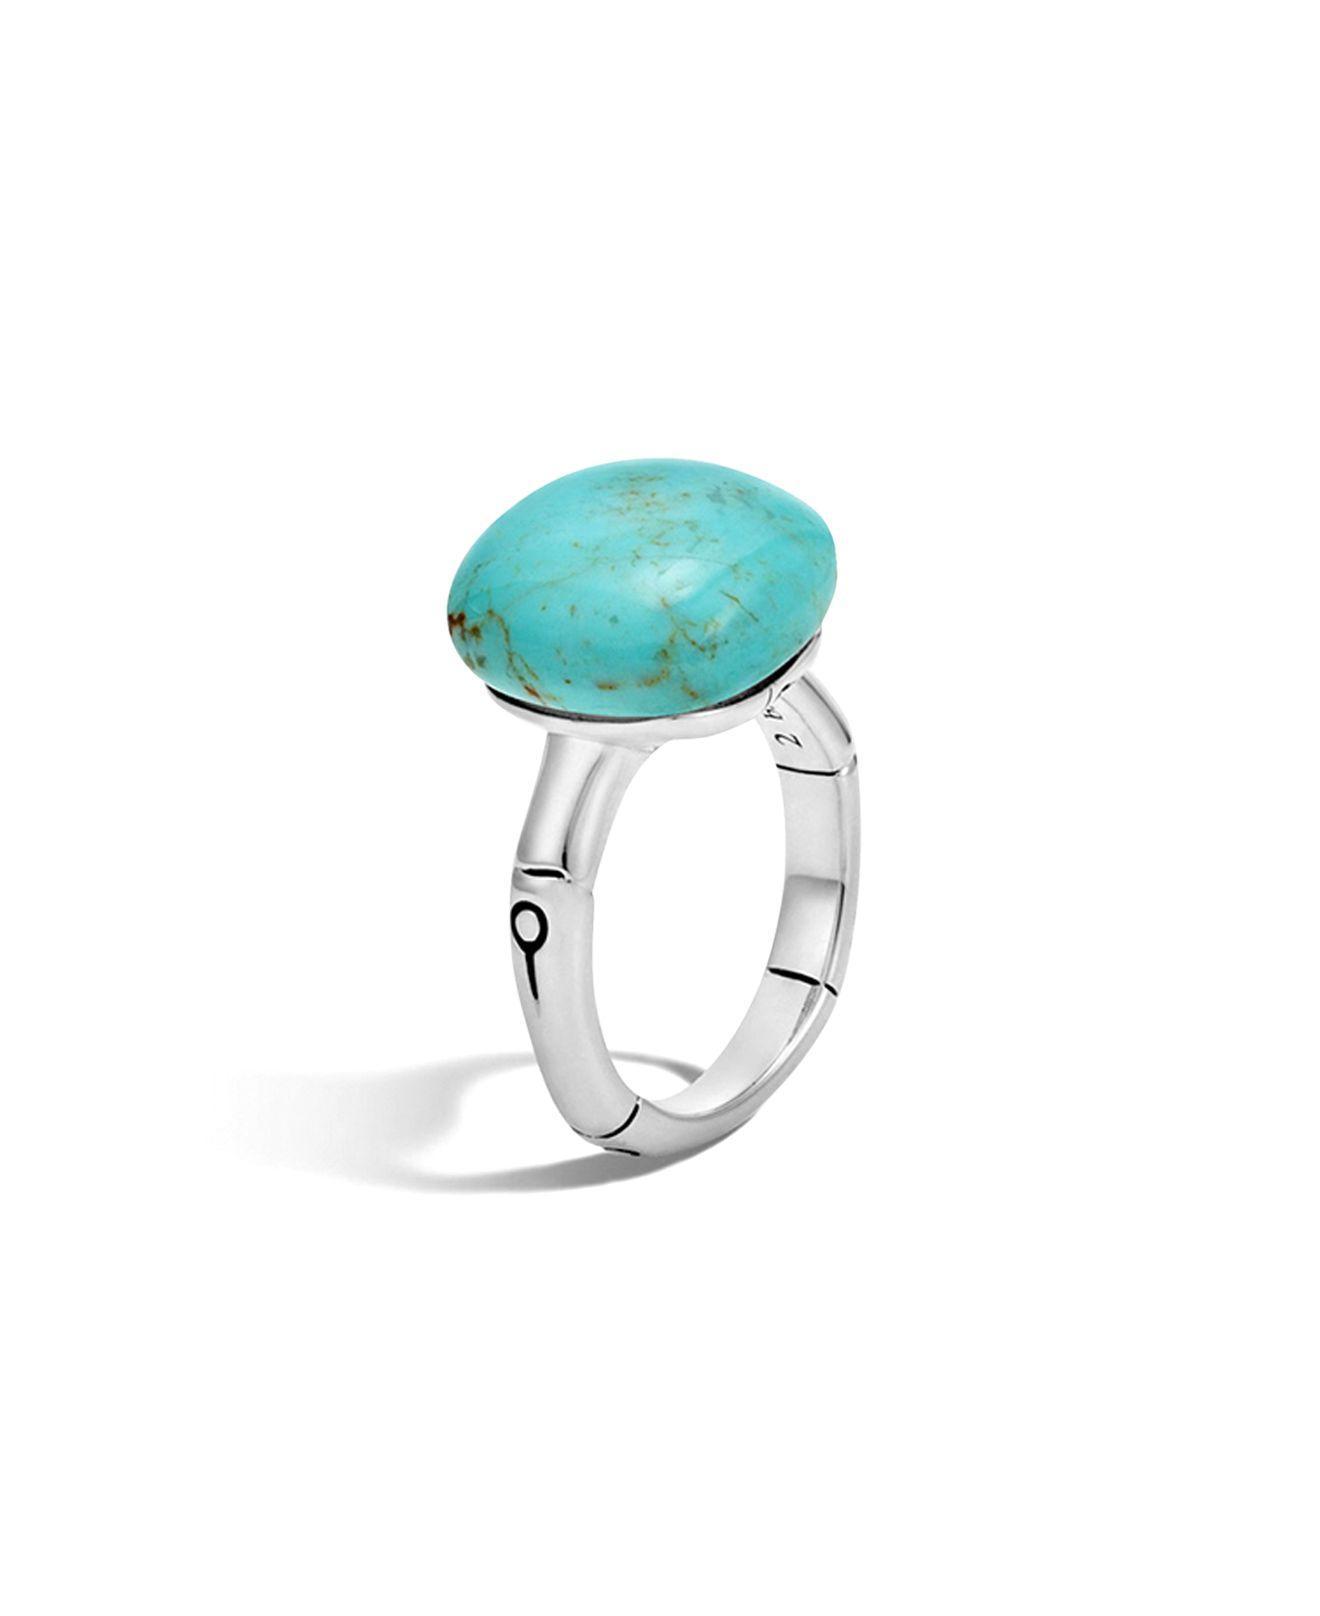 John hardy Batu Bamboo Silver Ring With Turquoise in ...